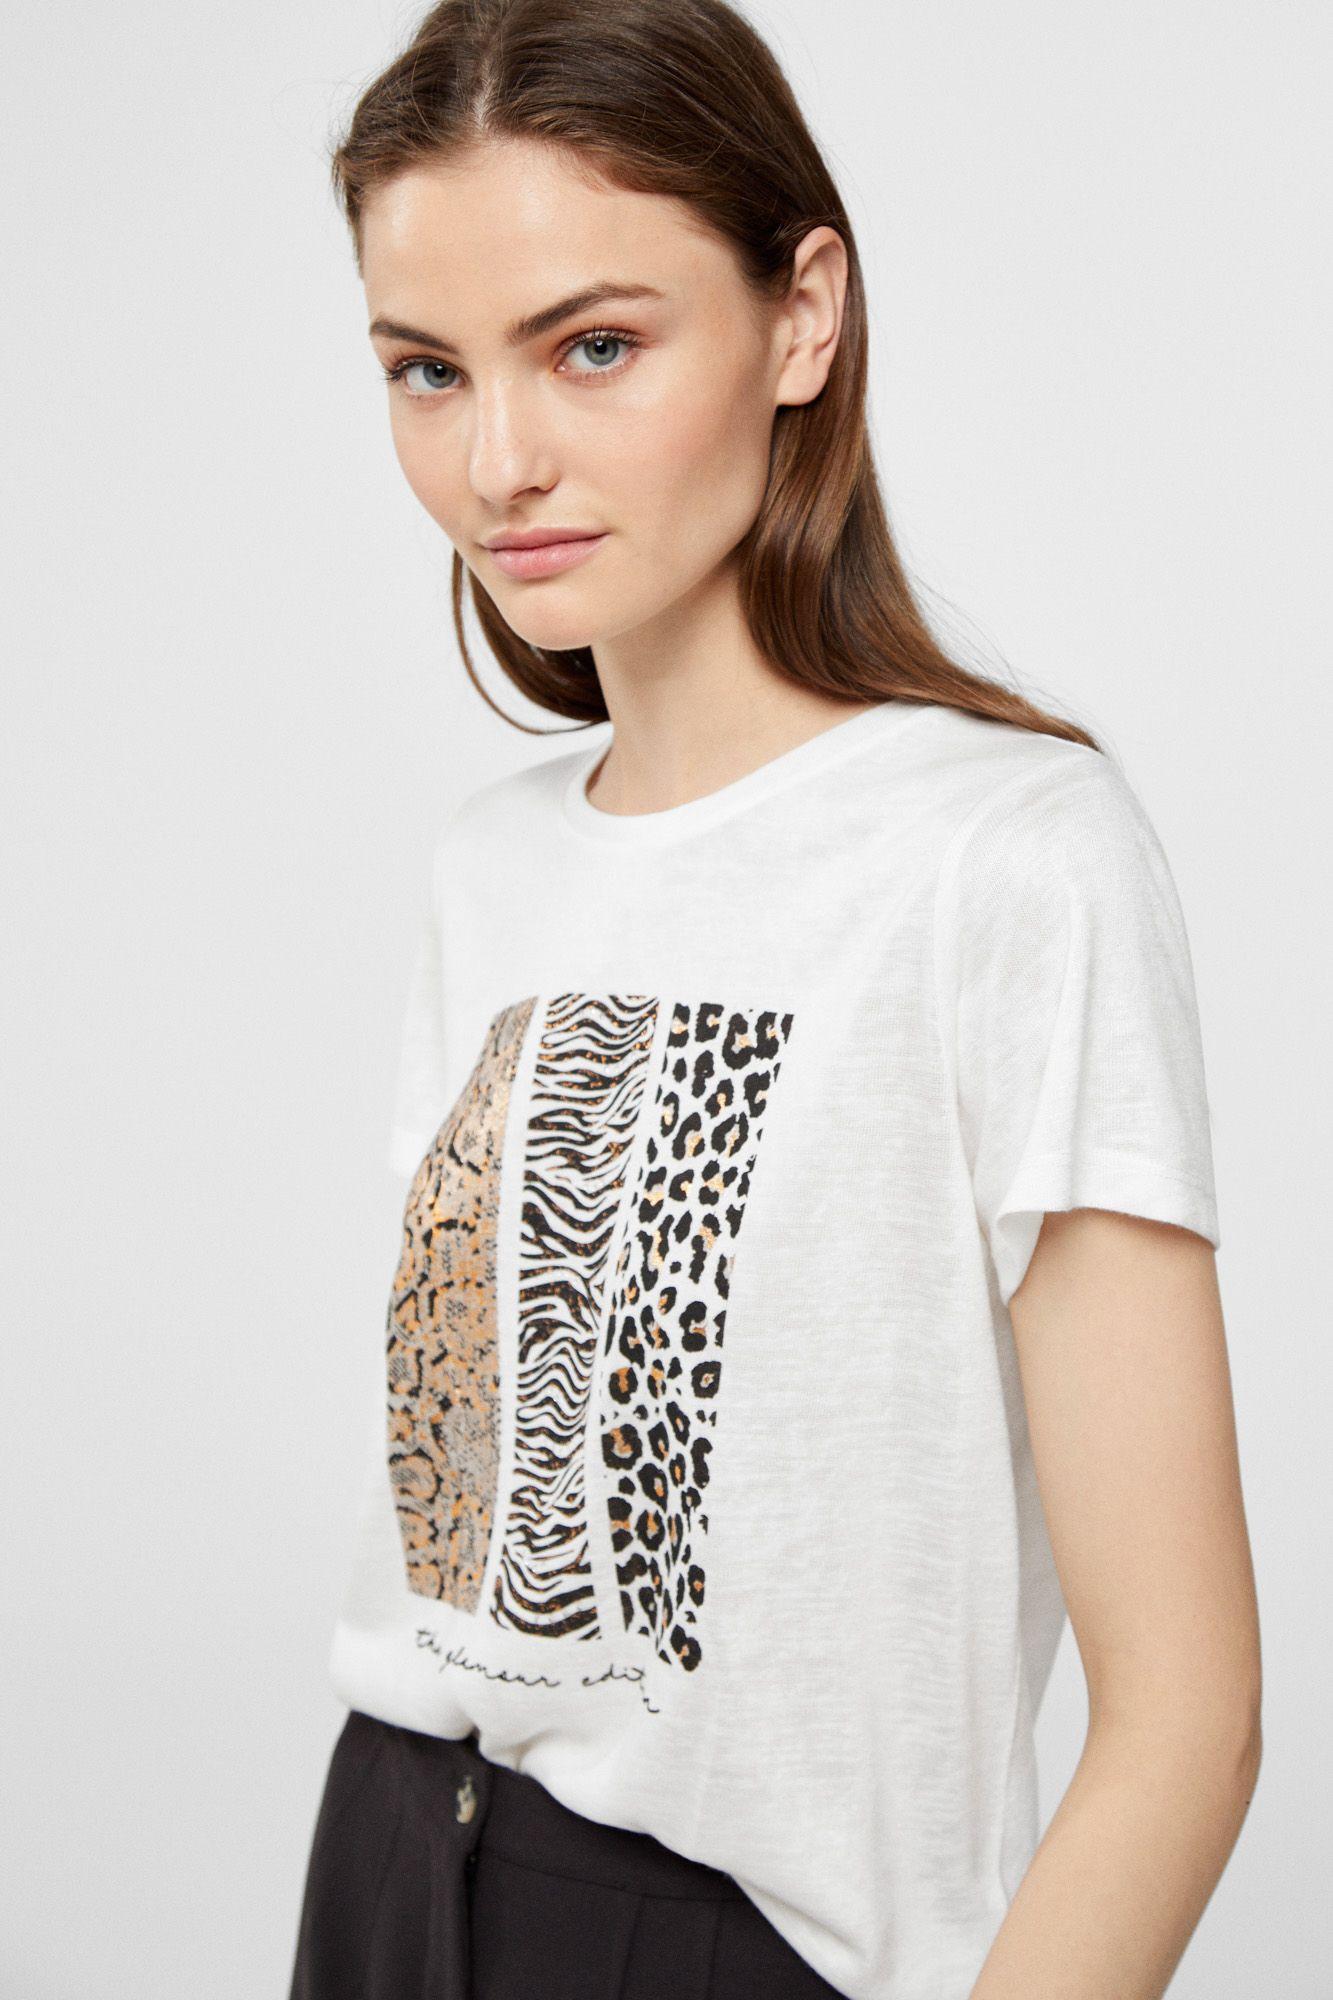 Cortefiel Camiseta Efecto Lino Remeras Estampadas Moda Camisetas